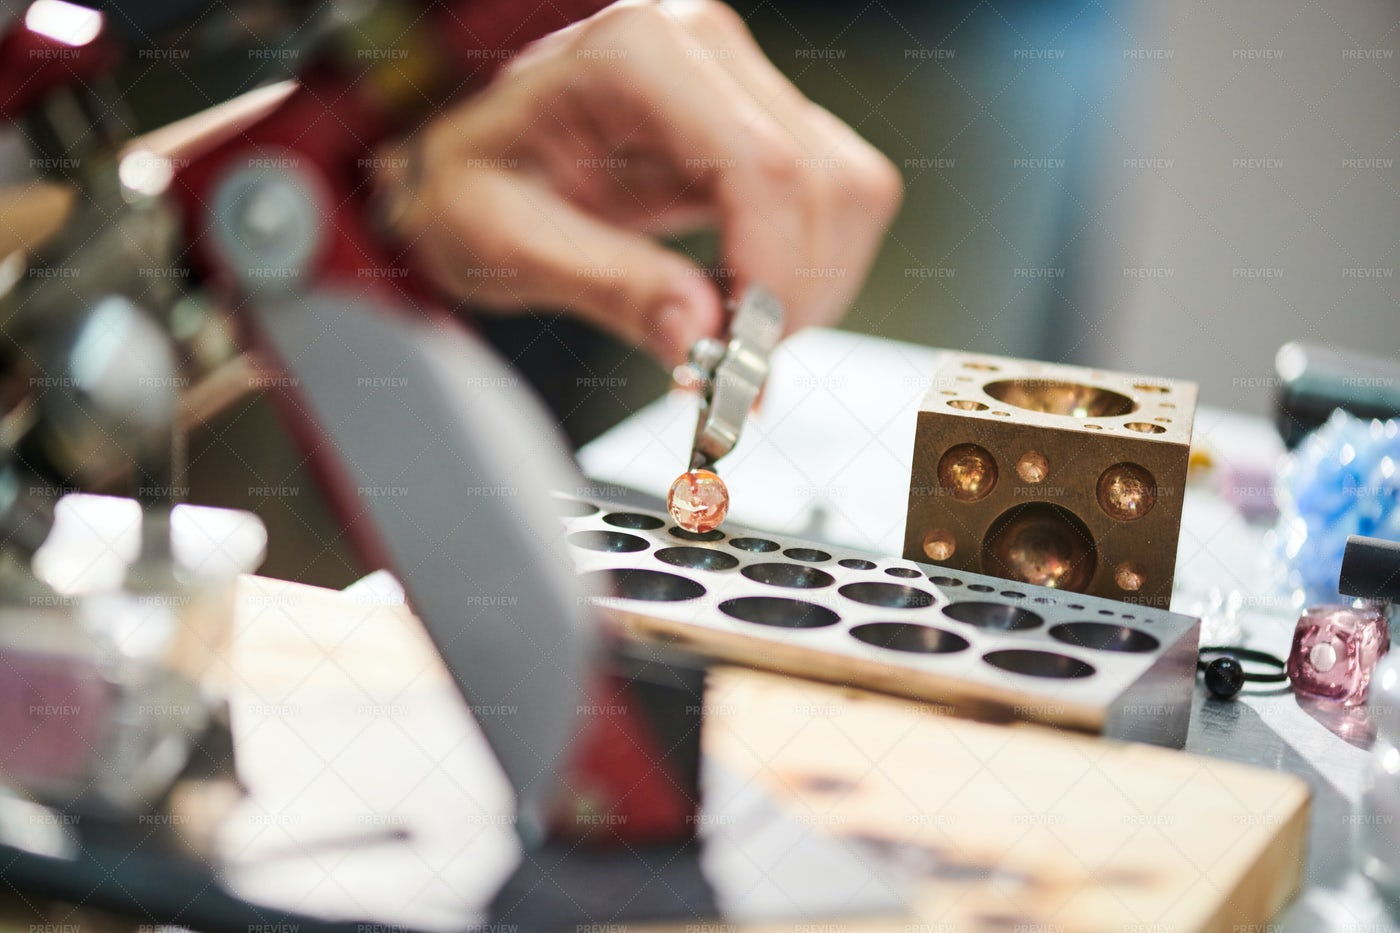 Artisan Forming Glass Beads: Stock Photos